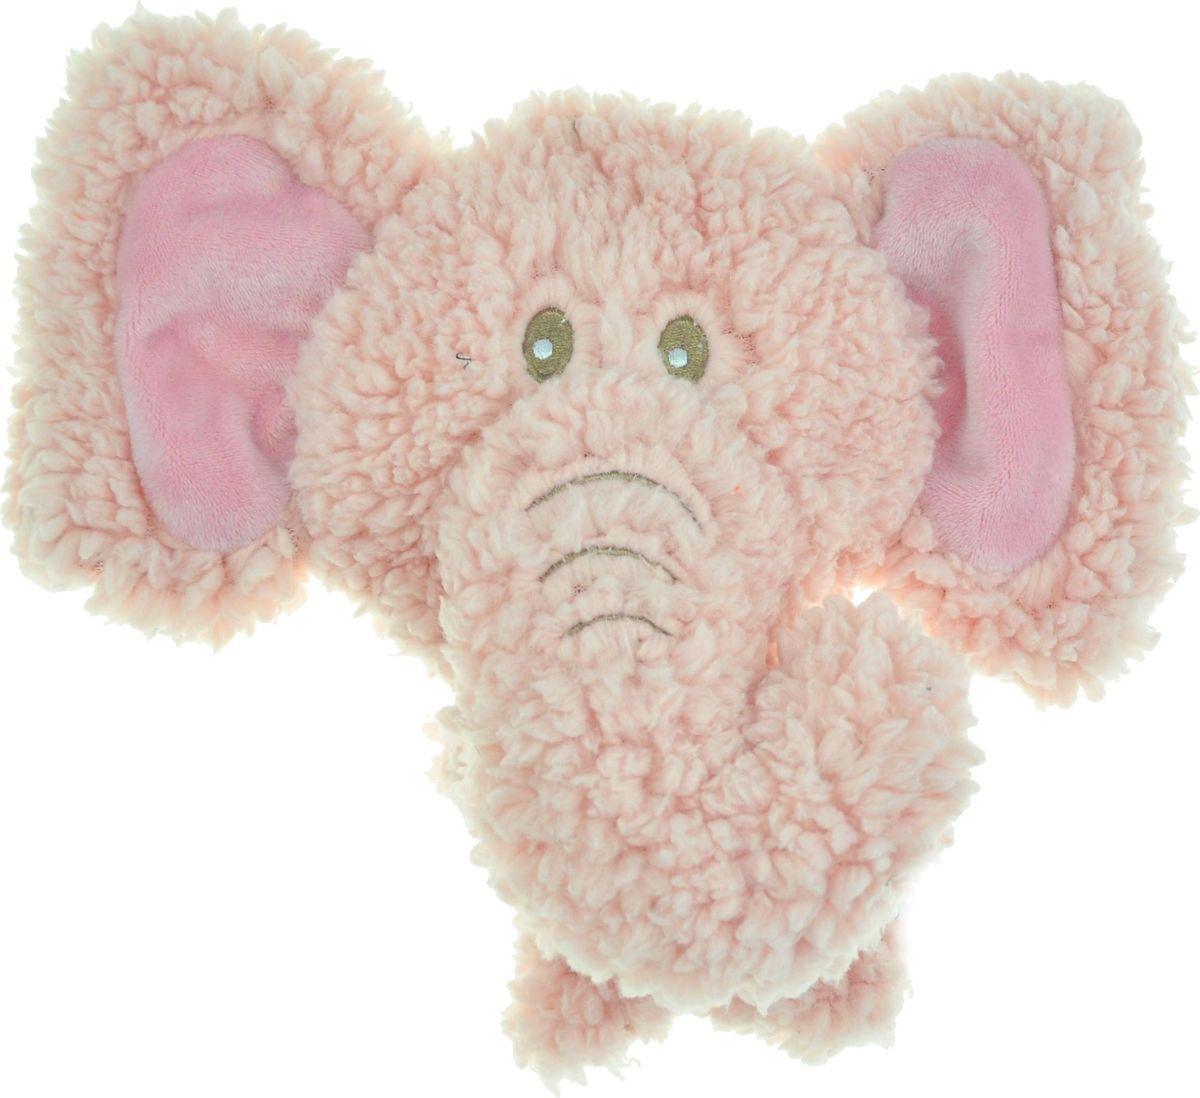 Игрушка для собак Aromadog Big Head. Слон, цвет: розовый, 12 смWB16954-4Aromadog создал первую в мире интерактивную игрушку с натуральным эфирным маслом.В конструкции игрушки имеется пищалка с наполнителем пропитанным маслом лаванды. При каждом нажатии на игрушку аромат высвобождается.При изготовлении используется эфирное масло лаванды 100% терапевтической чистоты.Запатентованная технология для стойкого аромата.Использование игрушки рекомендовано ветеринарными врачами.Игрушка корректирует поведение питомца.Она успокаивает. Борется с гиперактивностью.Использование игрушки рекомендовано собакам со следующими поведенческими проблемами:Разлука с хозяином: Пожалуйста, не уходи!Беспокойство по ночам: Почему все спят?Визит к ветеринарному врачу: Эти неизвестные и пугающие запахи!Боязнь грома и петард: Эти звуки меня пугают!Питомцы из приюта: Они полюбят меня?Скука: О! Новая игрушка, как хорошо. Спокойствие, баланс….